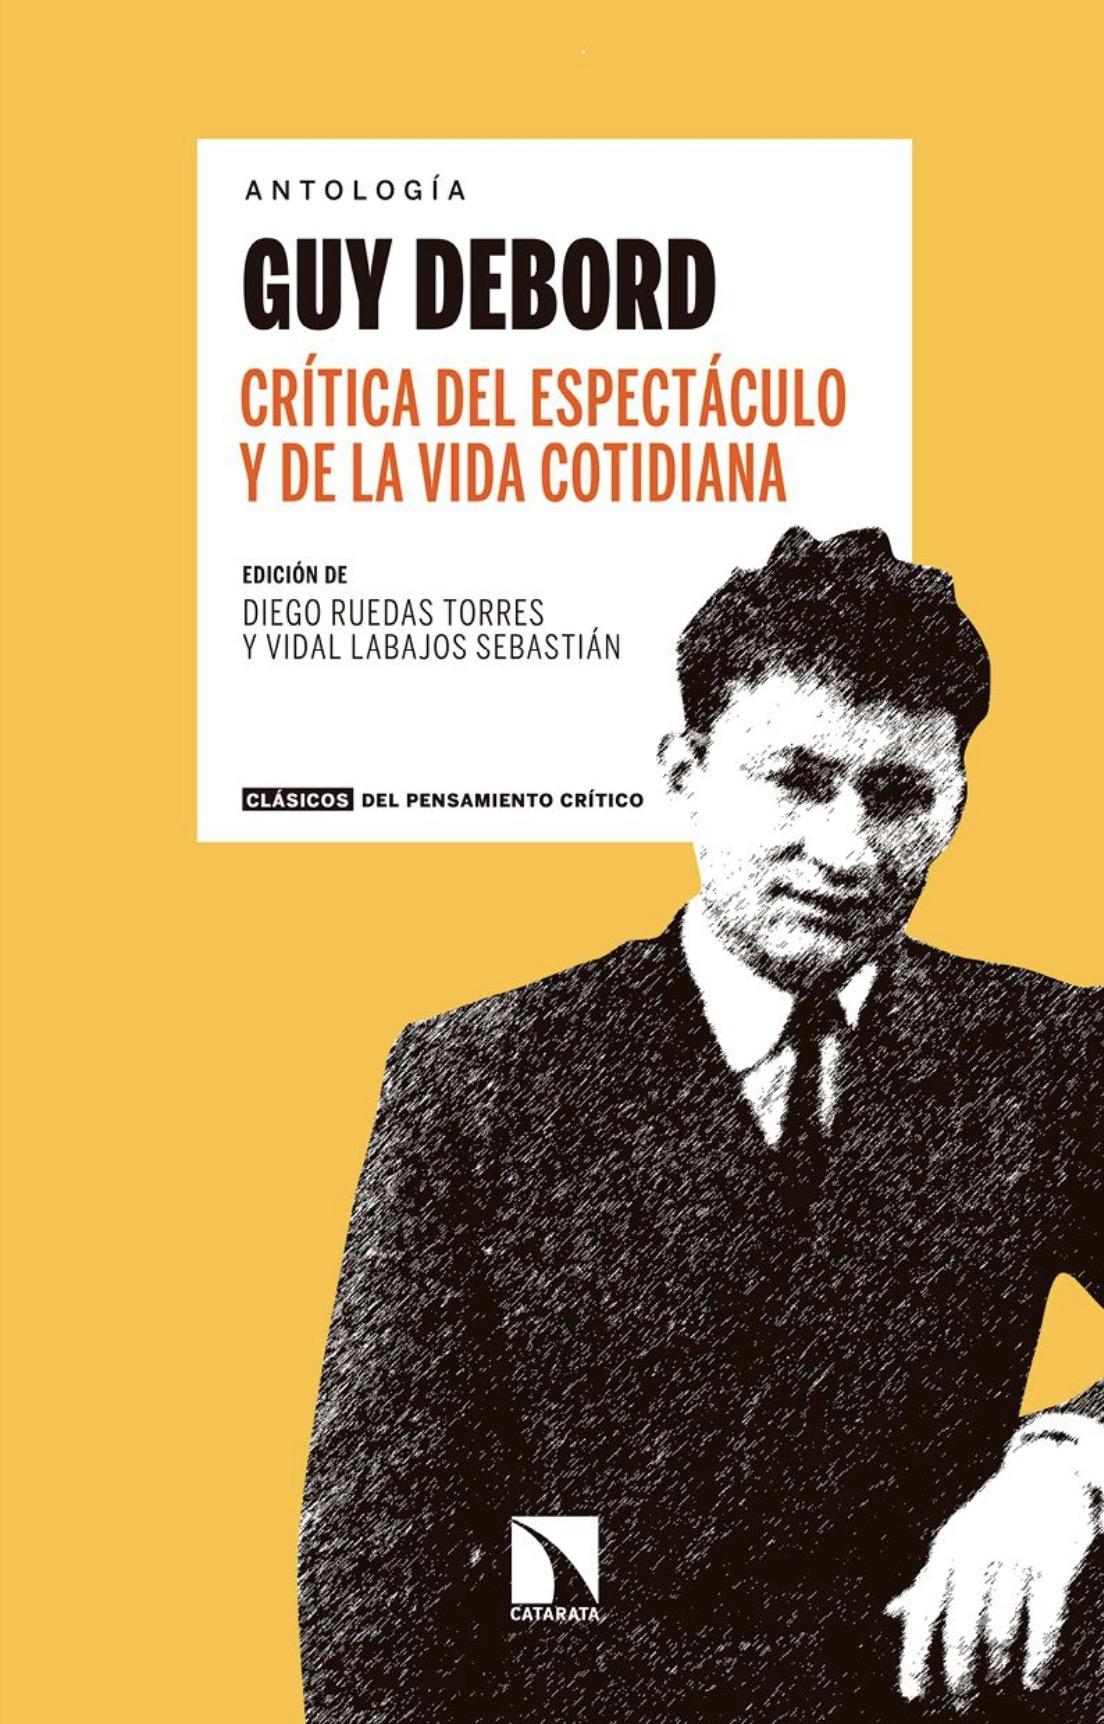 Debord, Guy - Crítica del espectáculo y de la vida cotidiana pdf